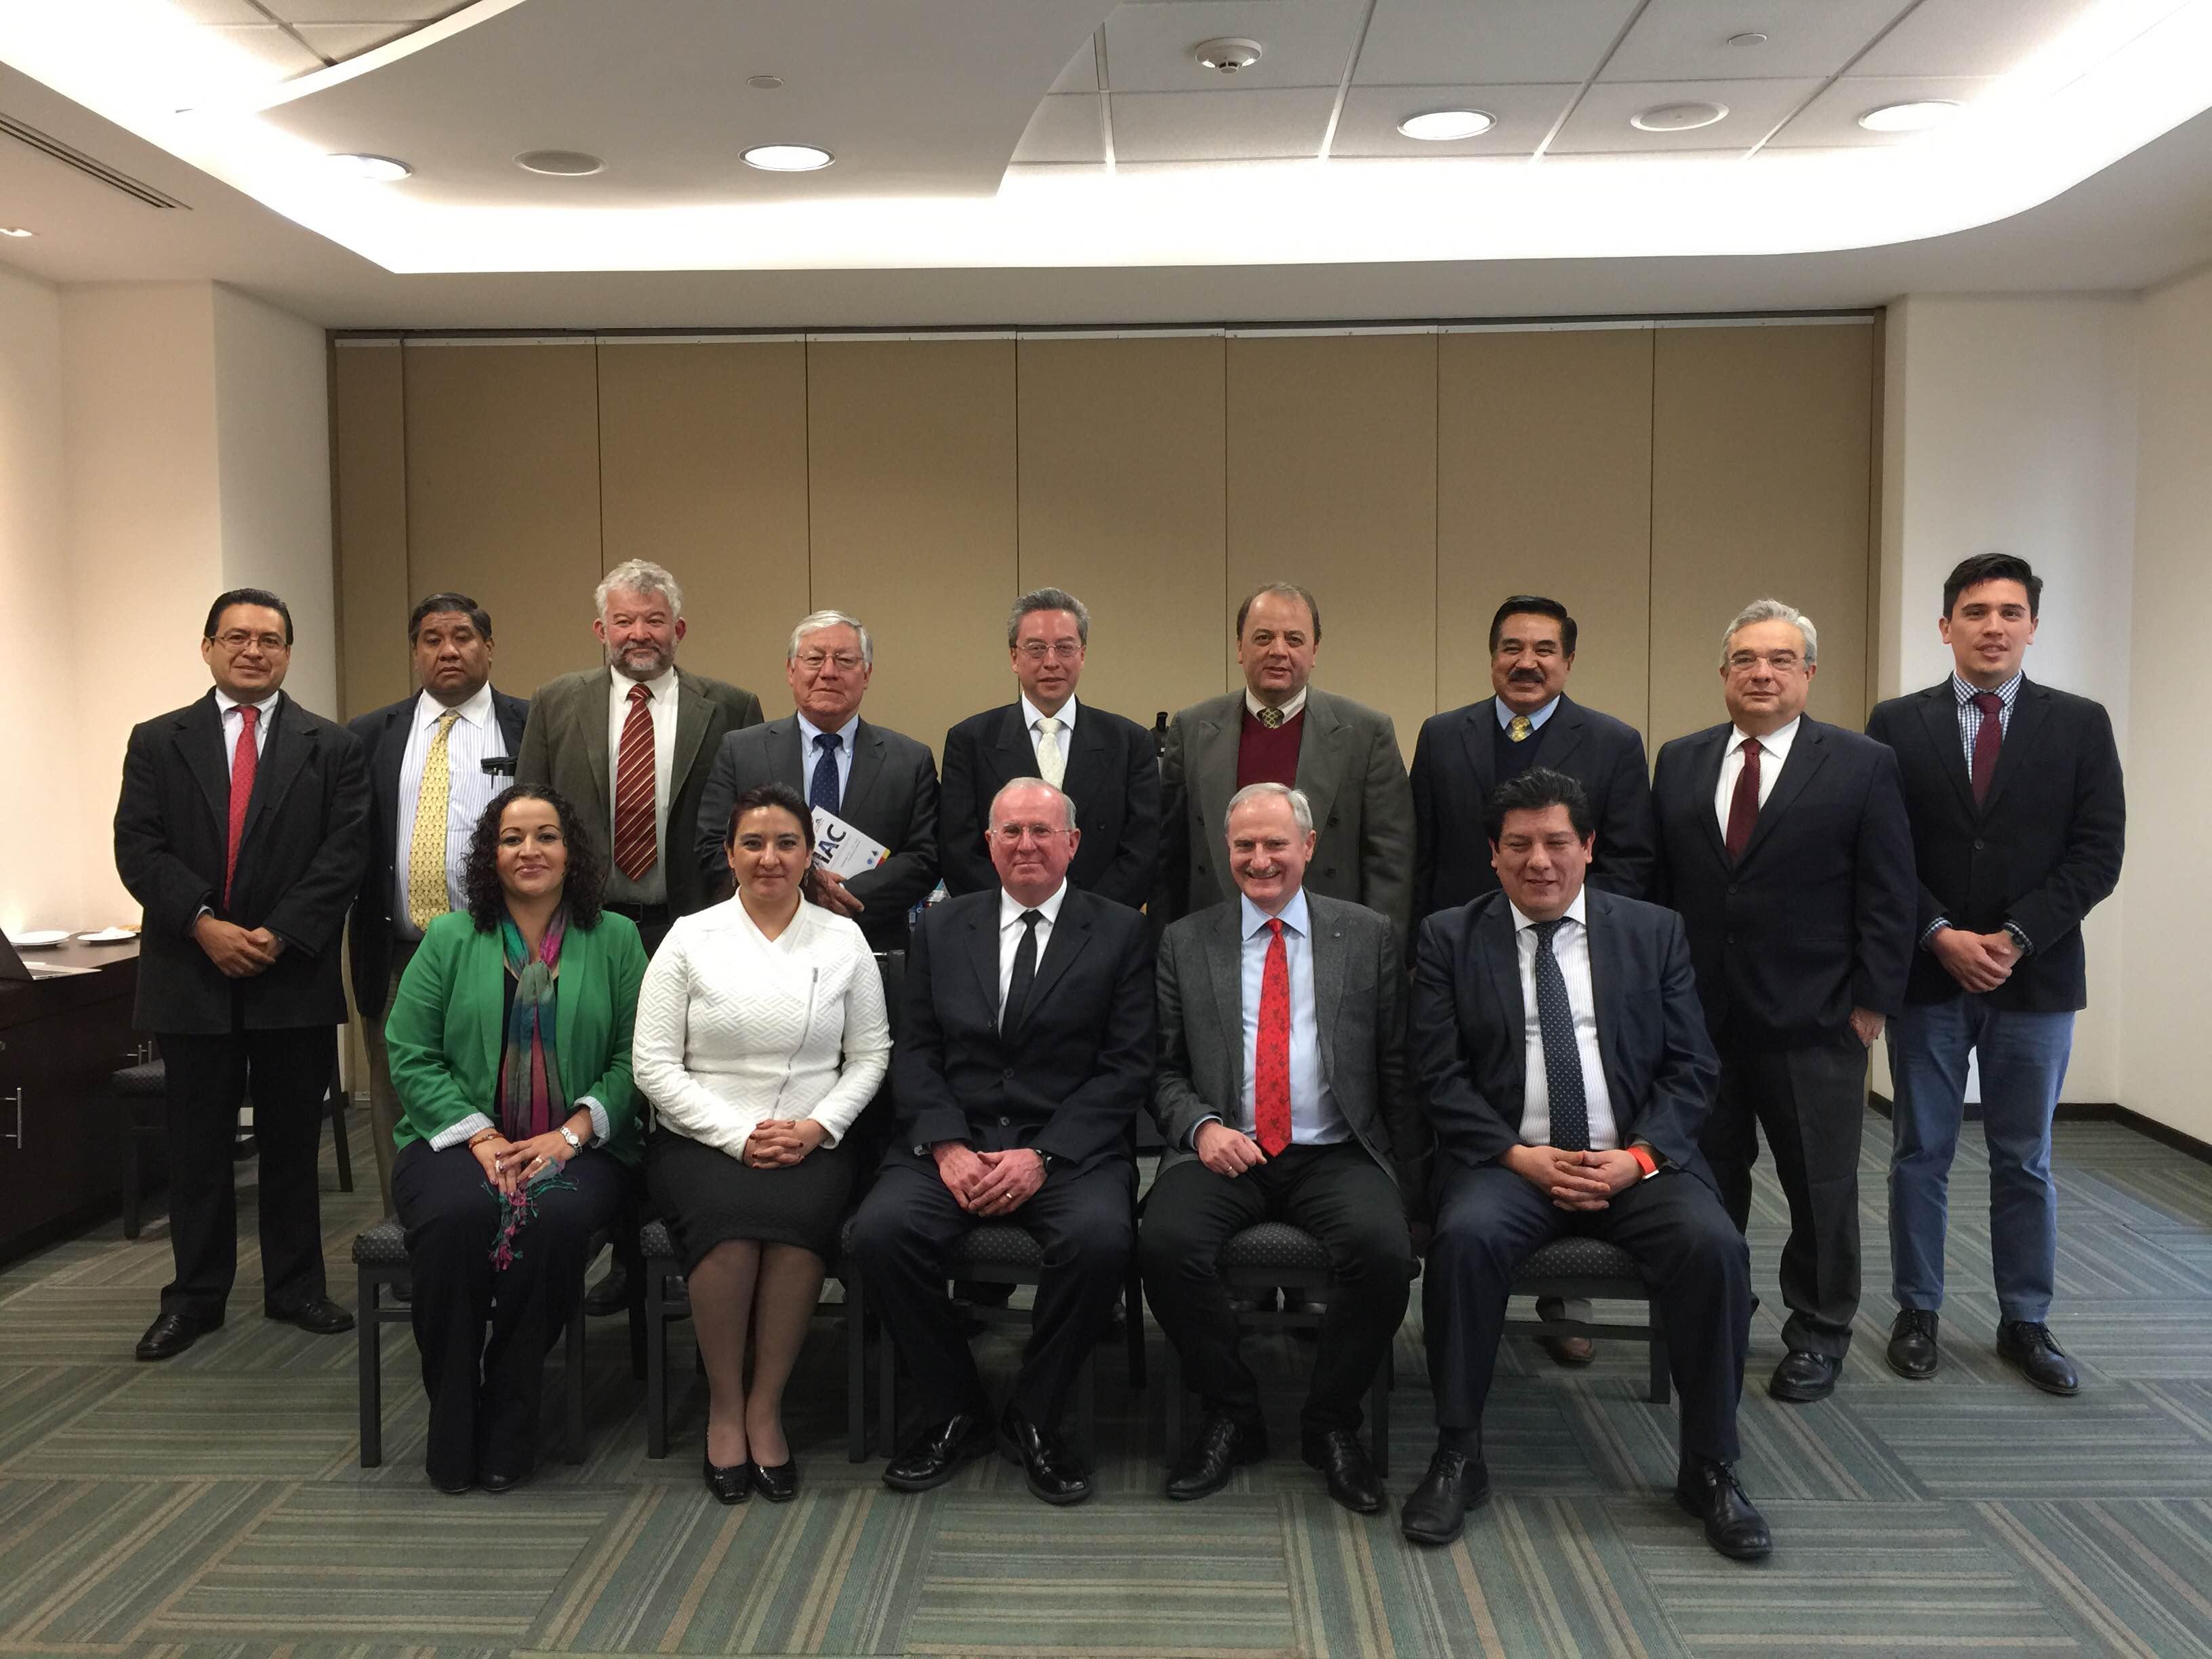 Avanzan preparativos para el 67 Congreso Internacional de Astronáutica